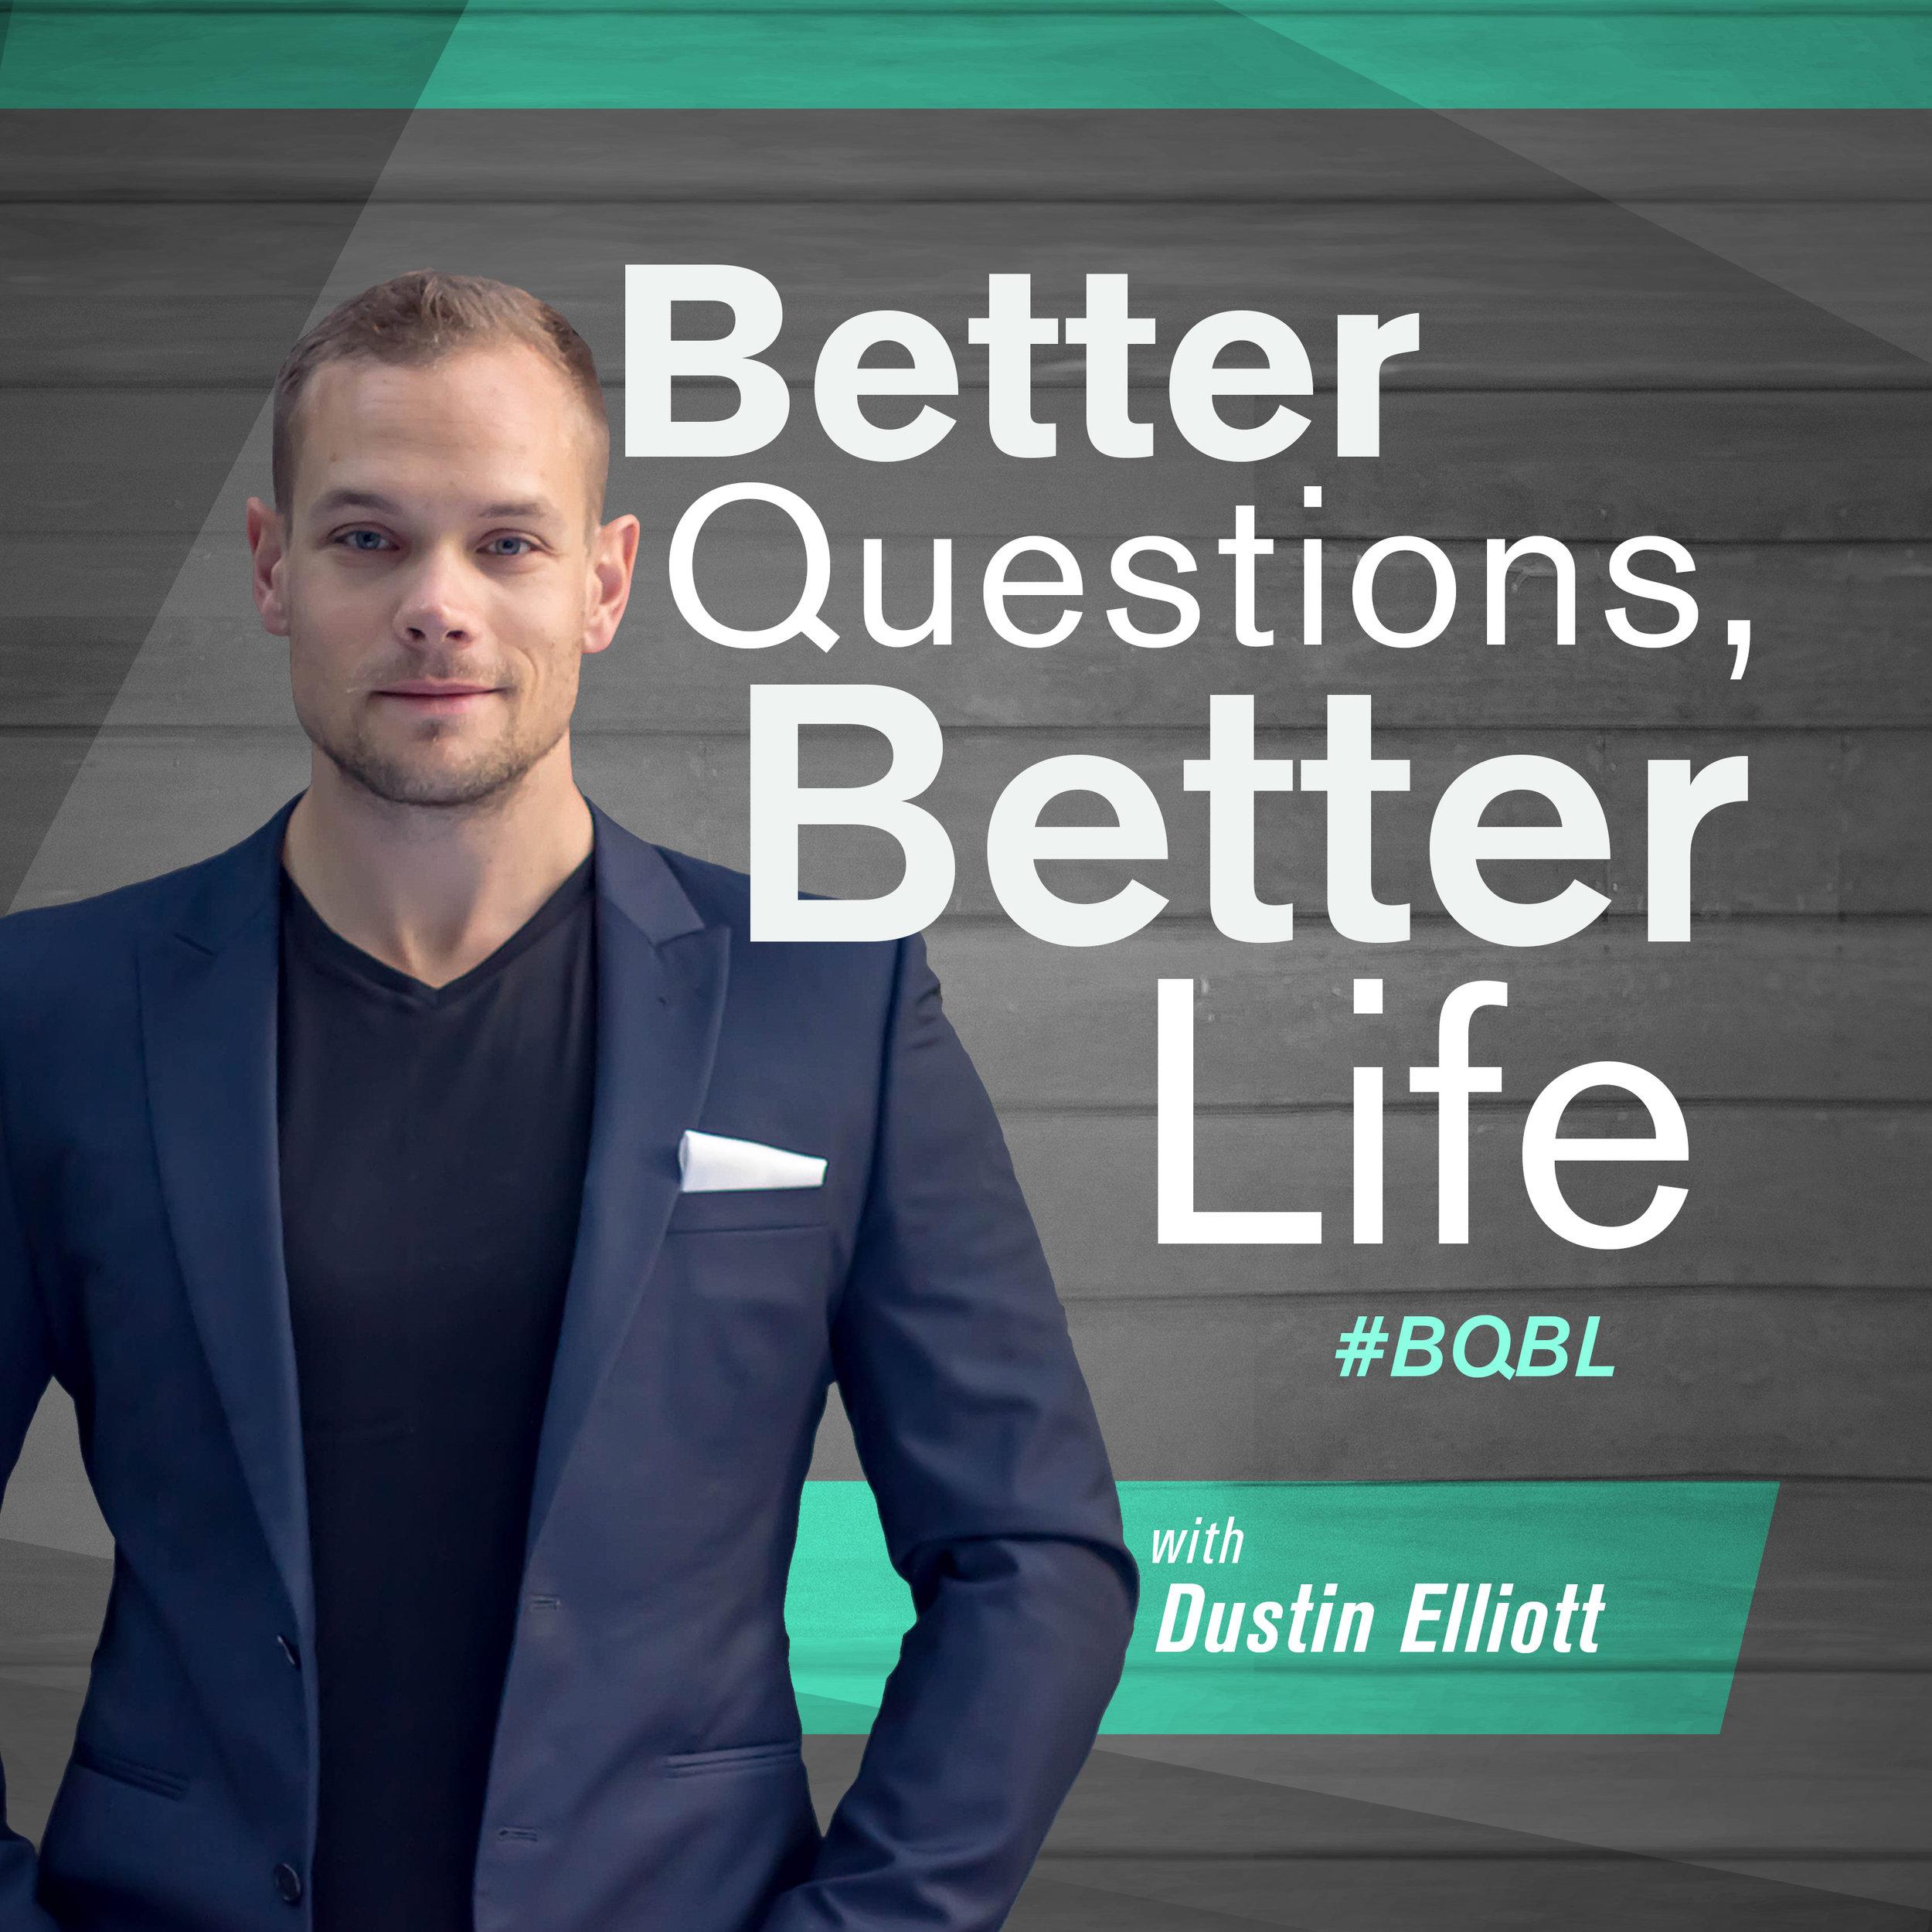 Better-Questions-Better-Life6.jpg